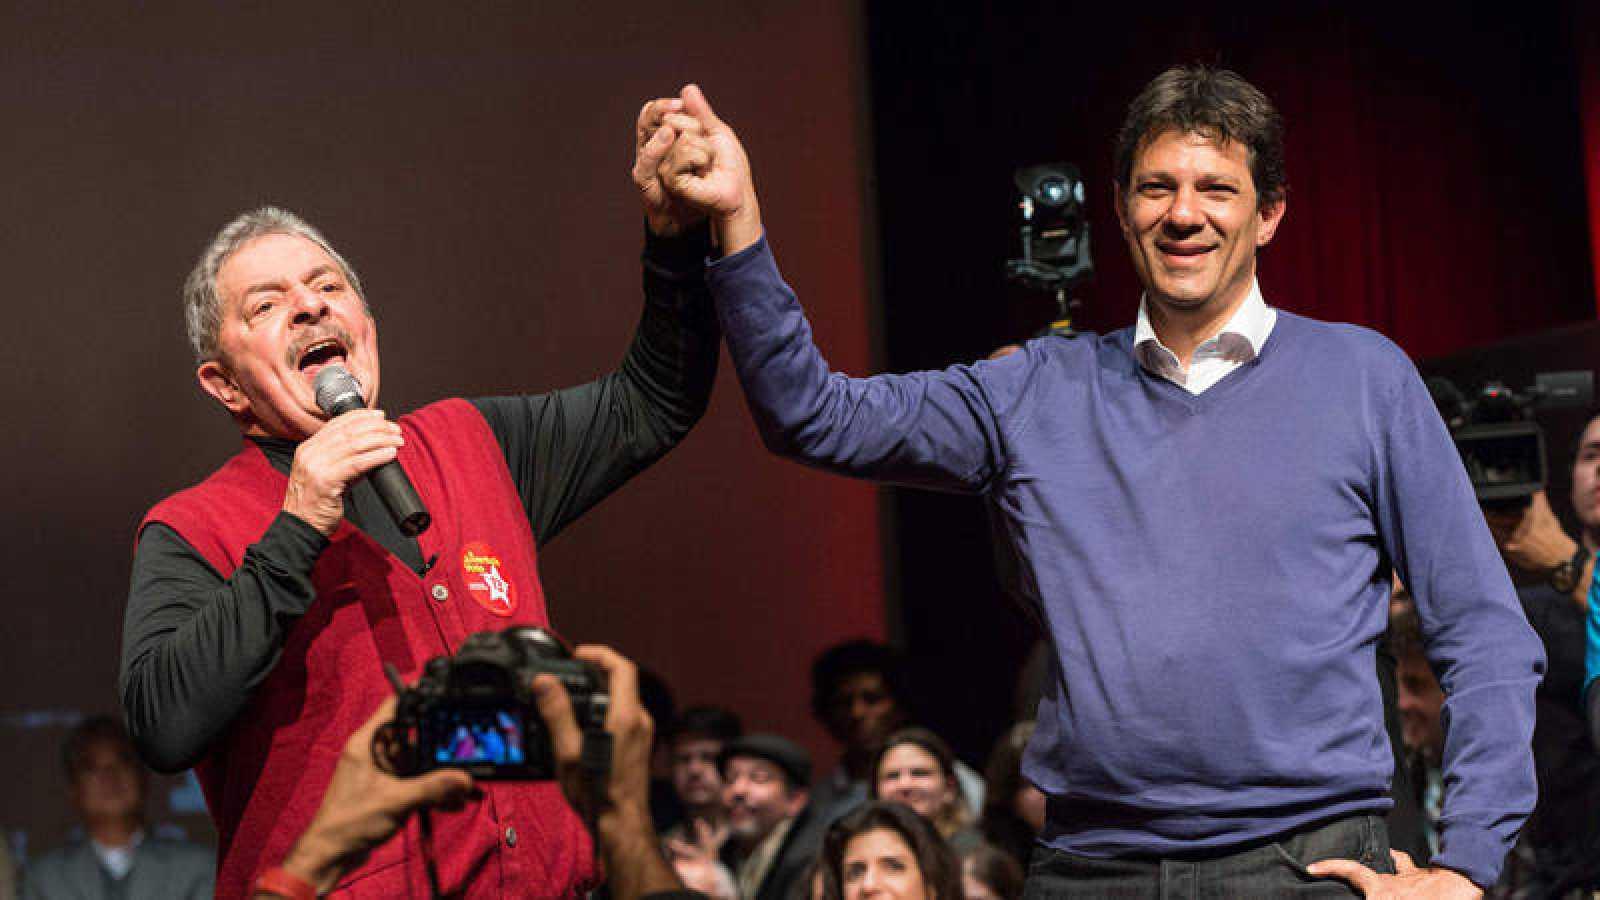 El expresidente brasileño Luiz Inácio Lula da Silva junto a Fernando Haddad, candidato por el Partido de los Trabajadores